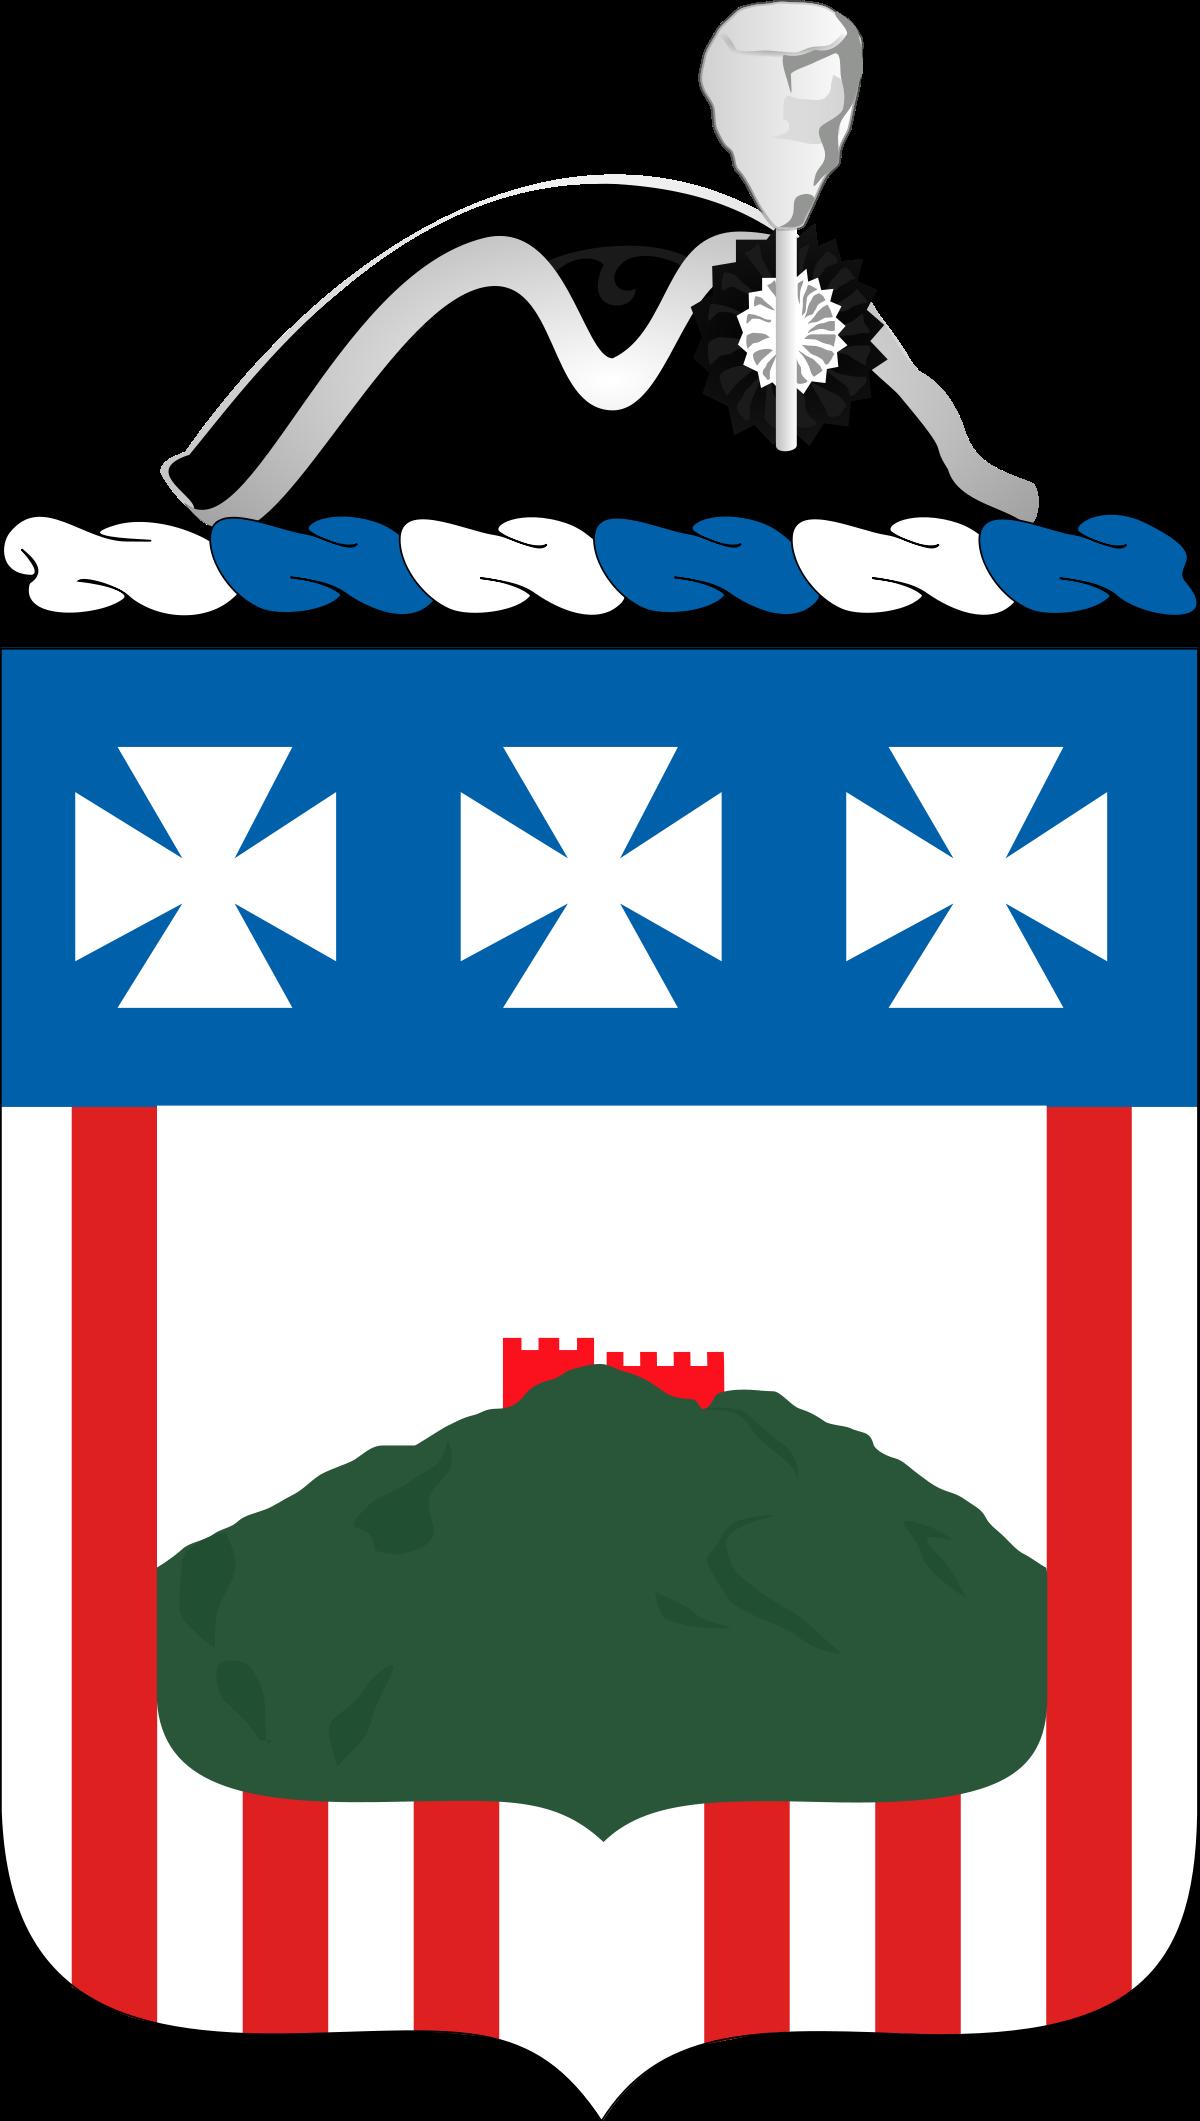 3rd U.S. Infantry Regiment (The Old Guard).